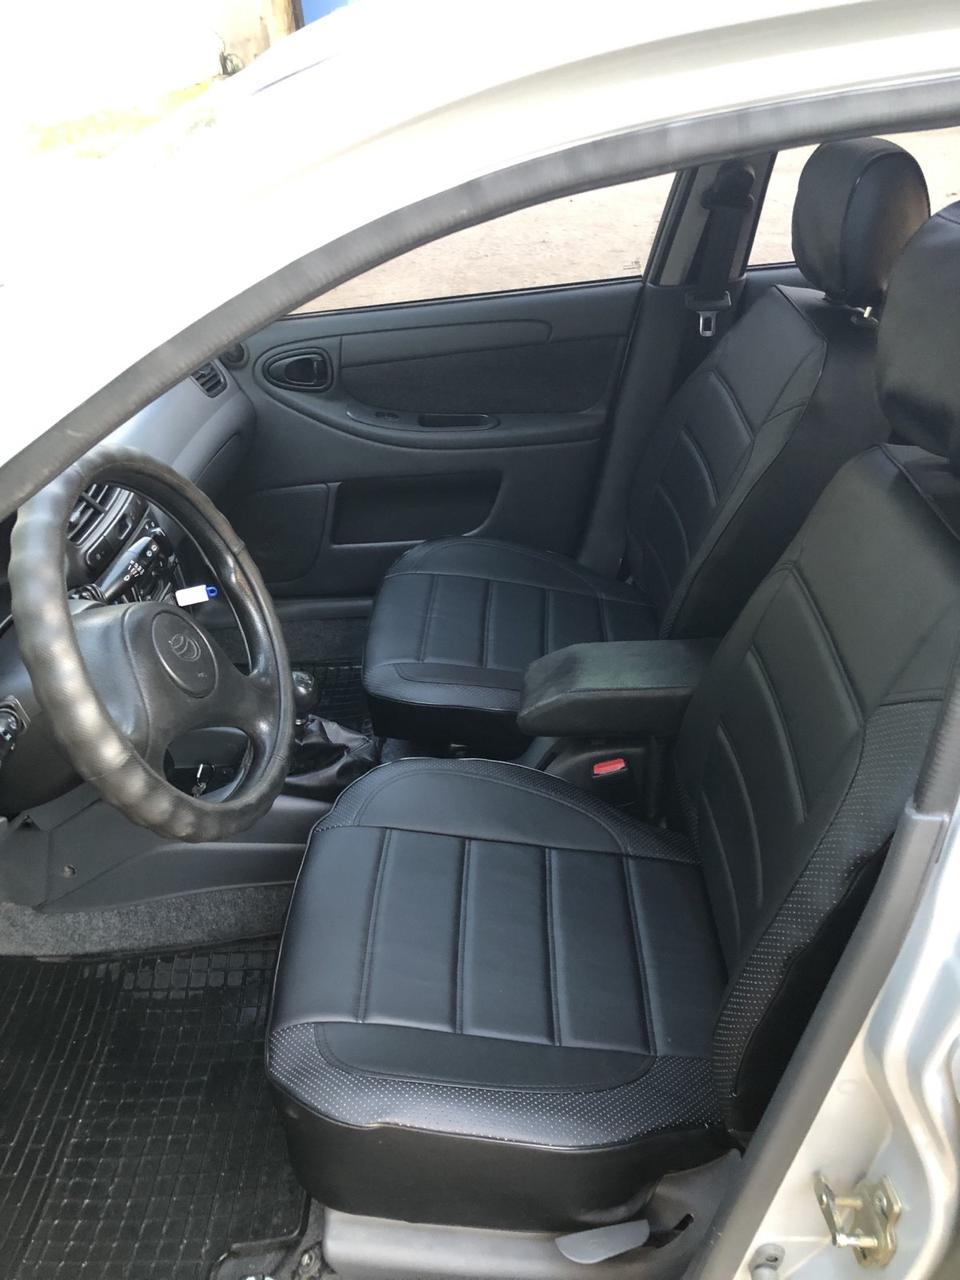 Чехлы на сиденья Фольксваген Гольф 4 (Volkswagen Golf 4) модельные MAX-L из экокожи Черный